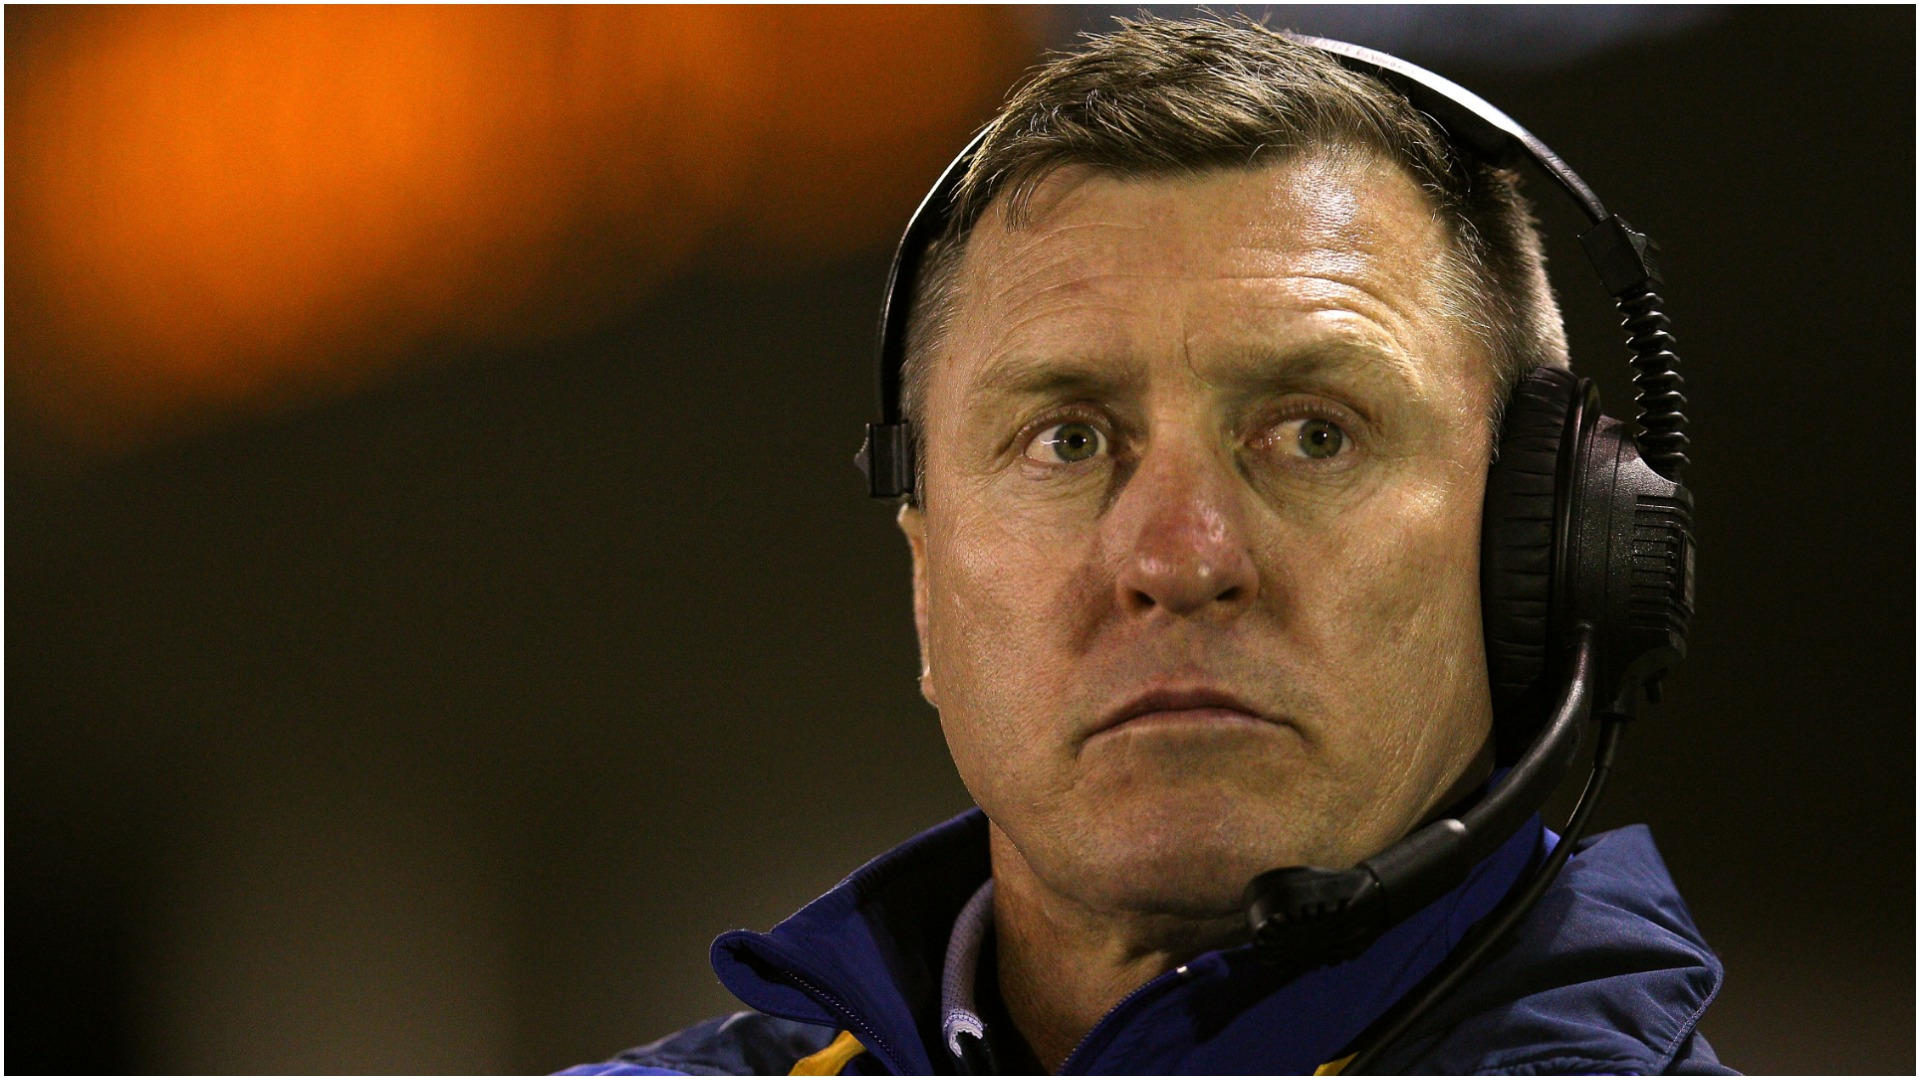 Furner sacked after miserable Leeds tenure